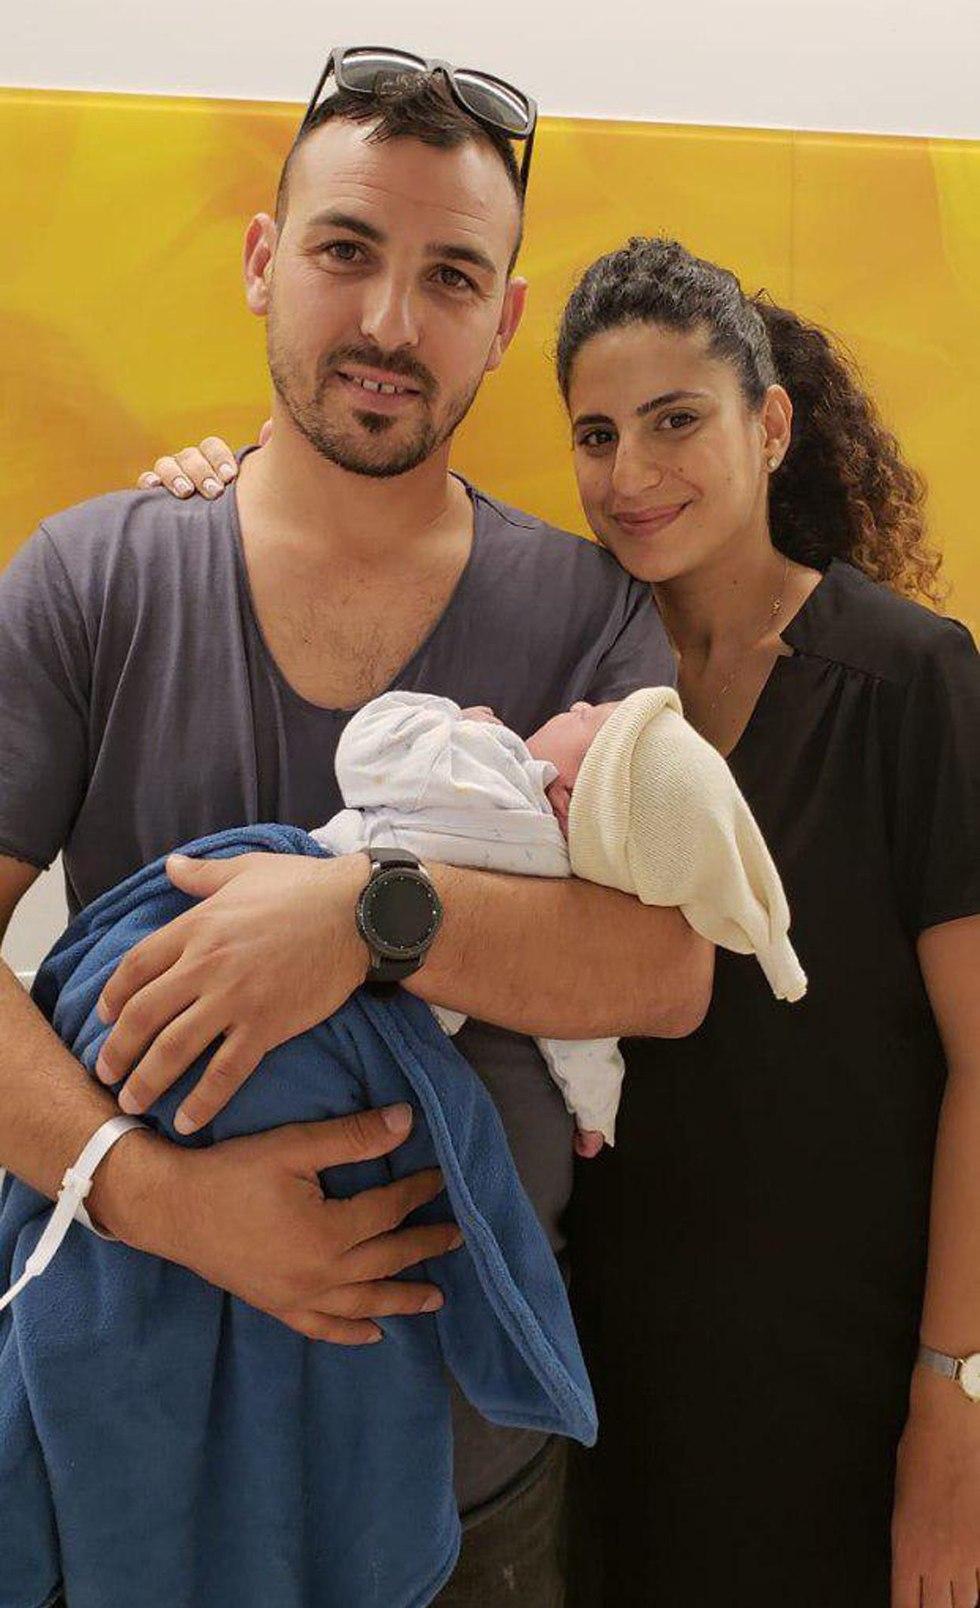 תינוקות ראשונים לשנת תשע